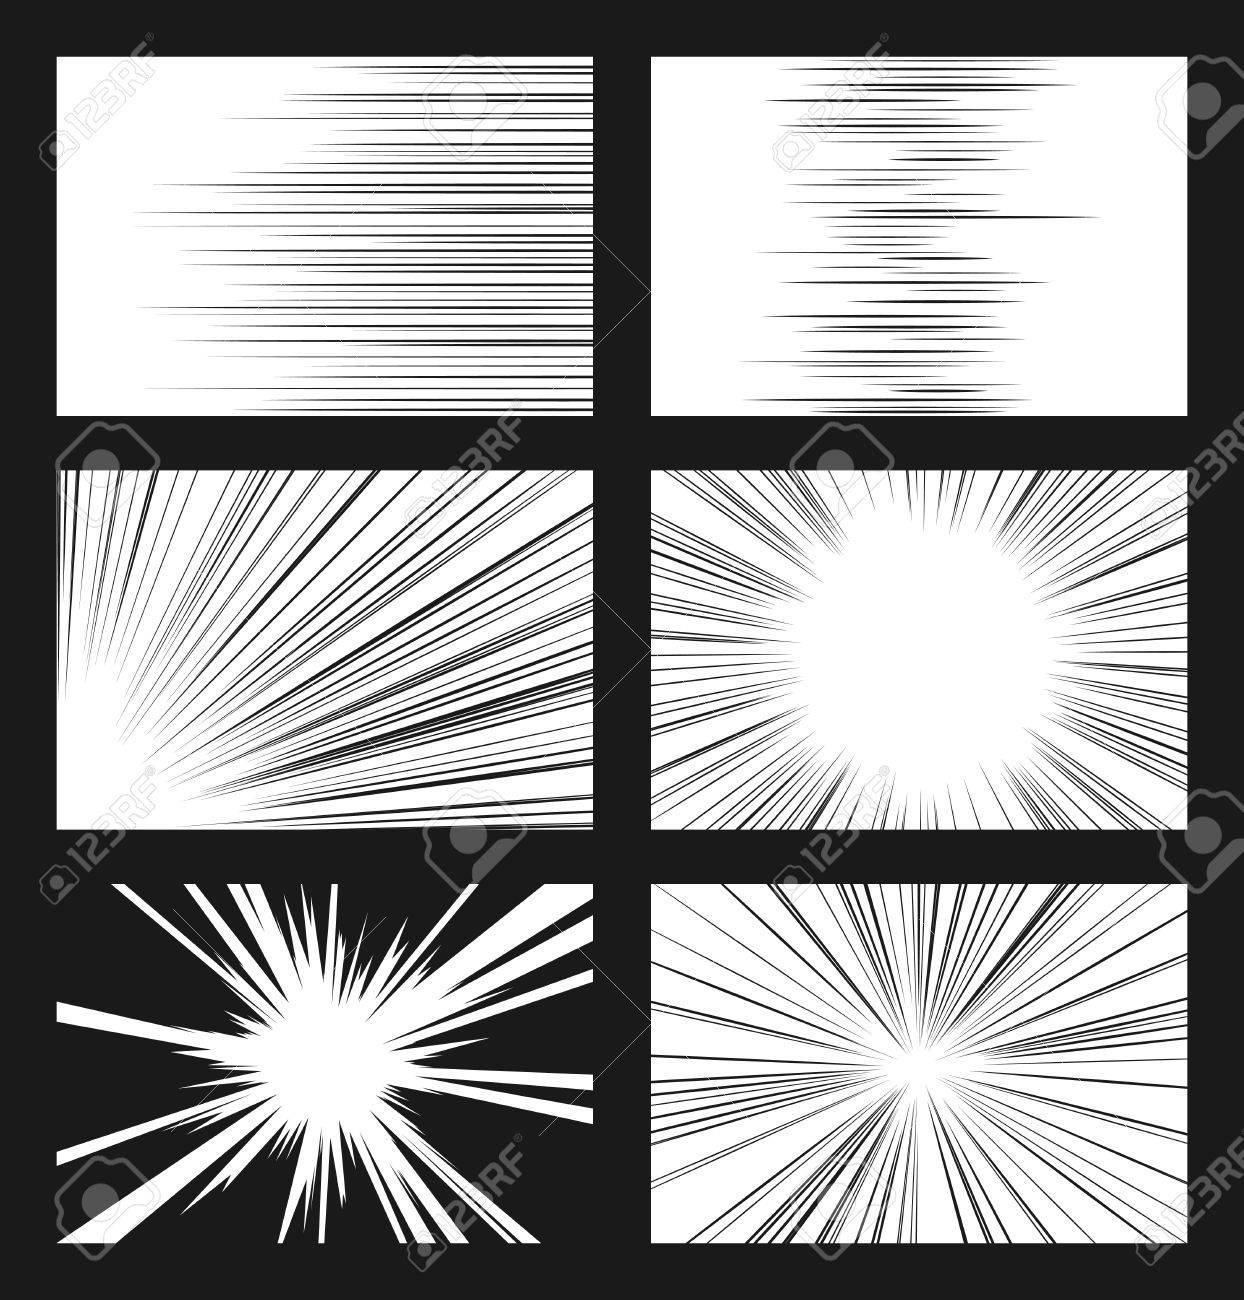 コミックの水平および放射状の速度ライン ベクトル セットですレイと